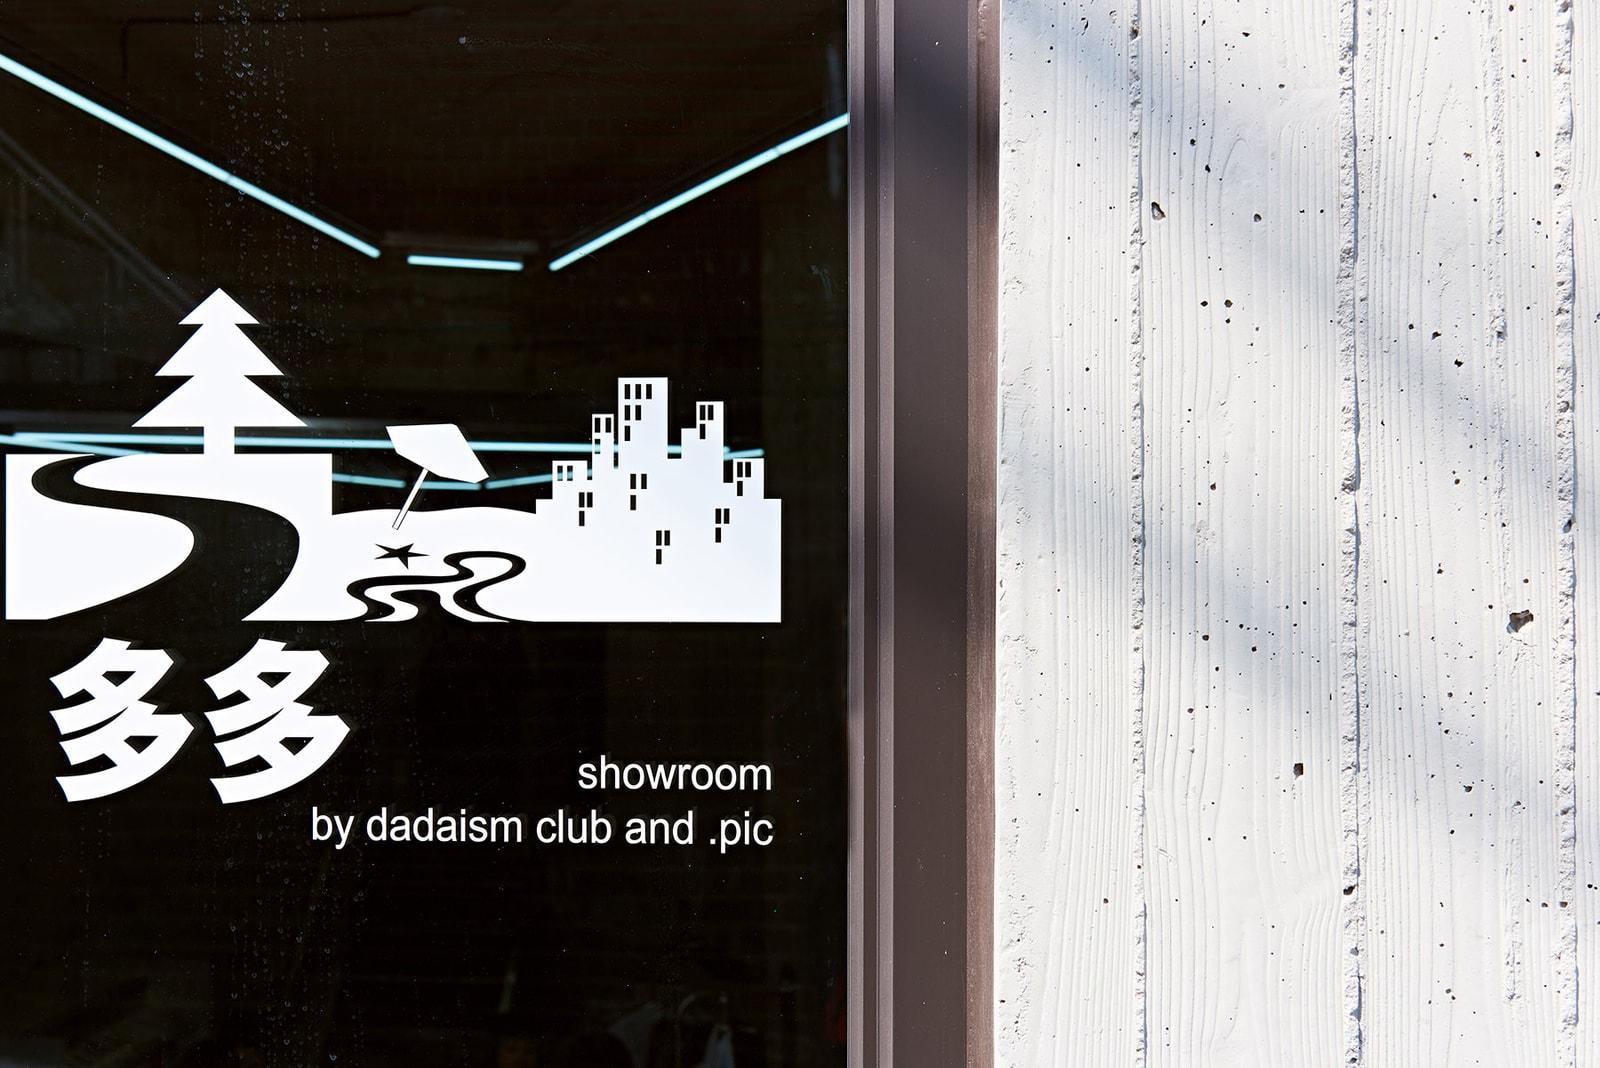 오혁과 친구들이 만든 브랜드 '다다'의 연남동 팝업 다다이즘 클럽 혁오 류윤현 한다솜 정다운 최지형 하이츠스토어